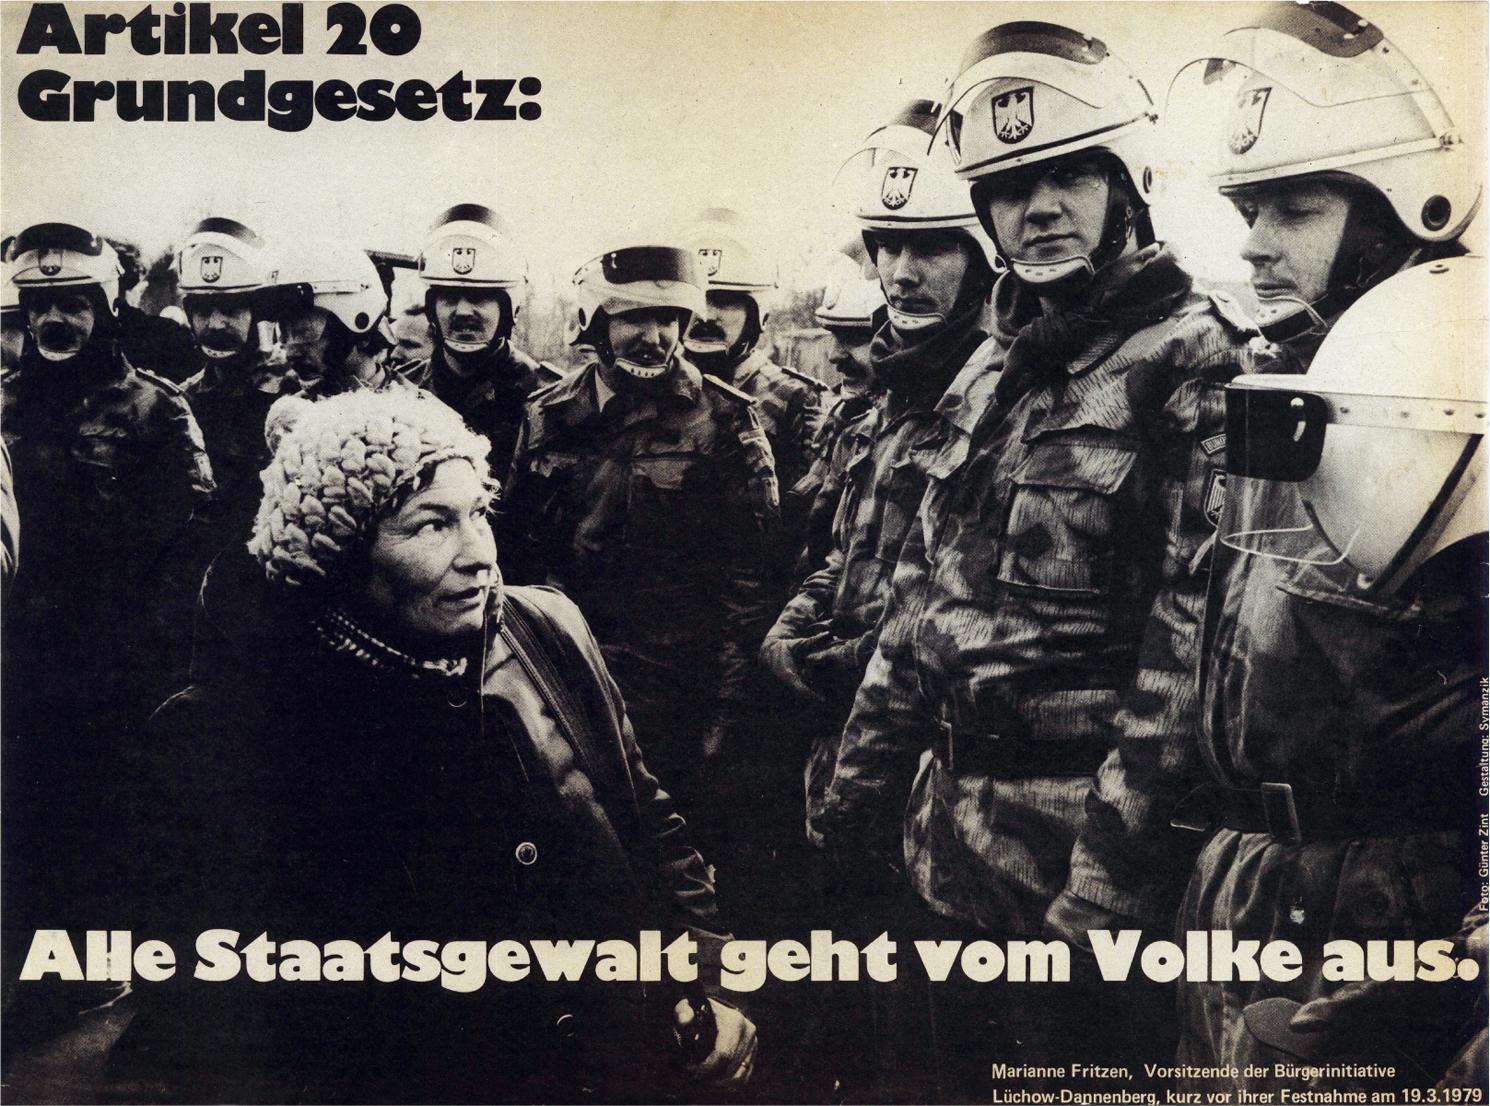 20条 ドイツ連邦共和国基本法 すべての国家権力は、国民より発する。